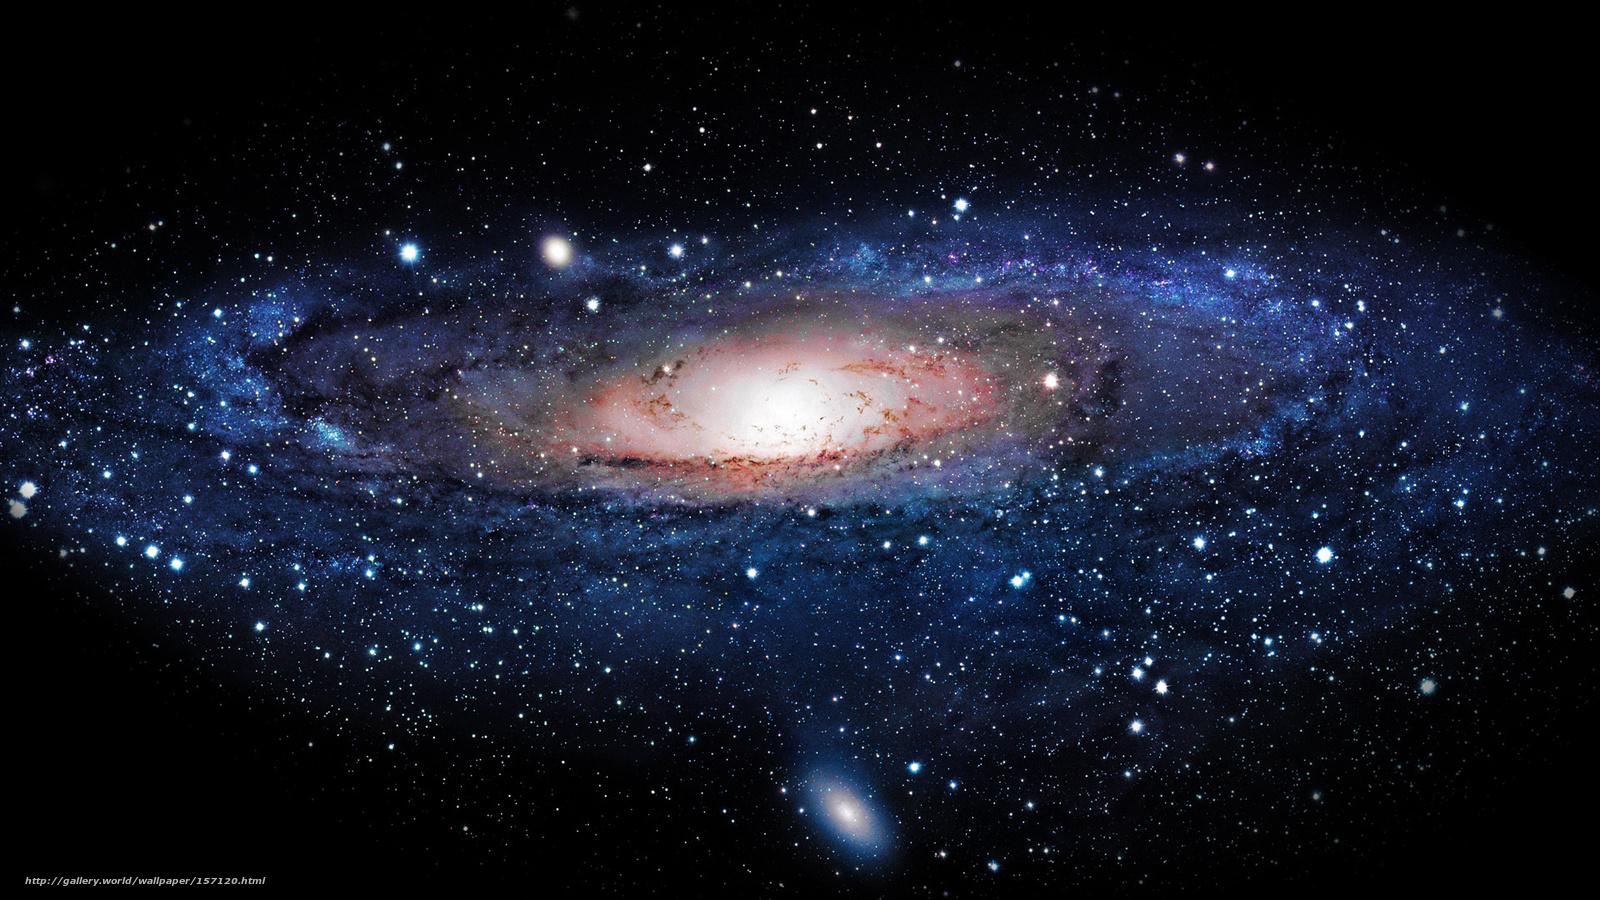 Scaricare gli sfondi spazio stella universo sole sfondi for Sfondi desktop universo